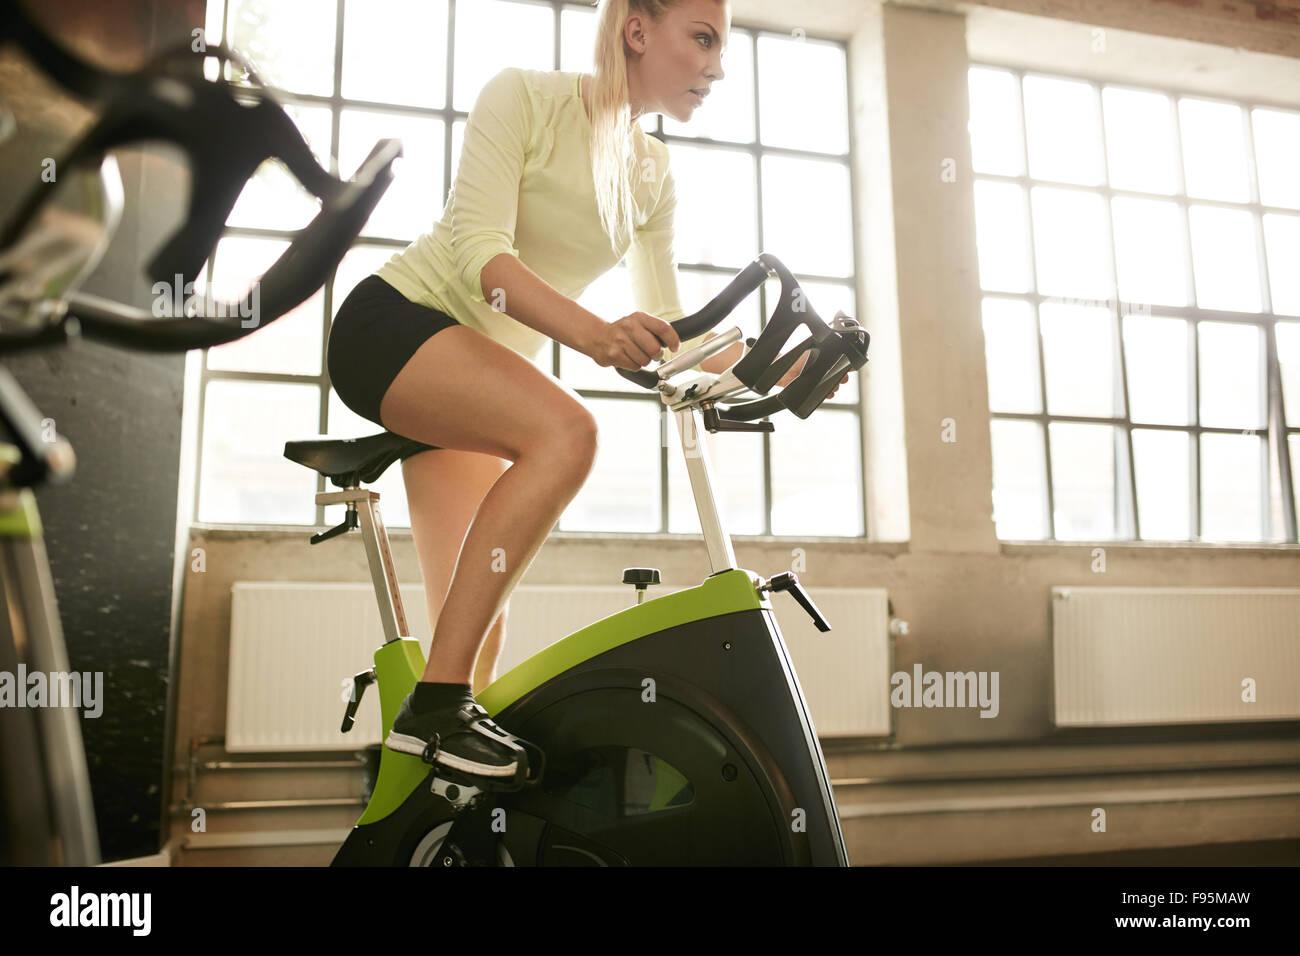 Fitness-Frau auf Fahrrad Spinning im Fitness-Studio zu tun. Passen Sie junge weibliche arbeiten auf Fitnessstudio Stockbild